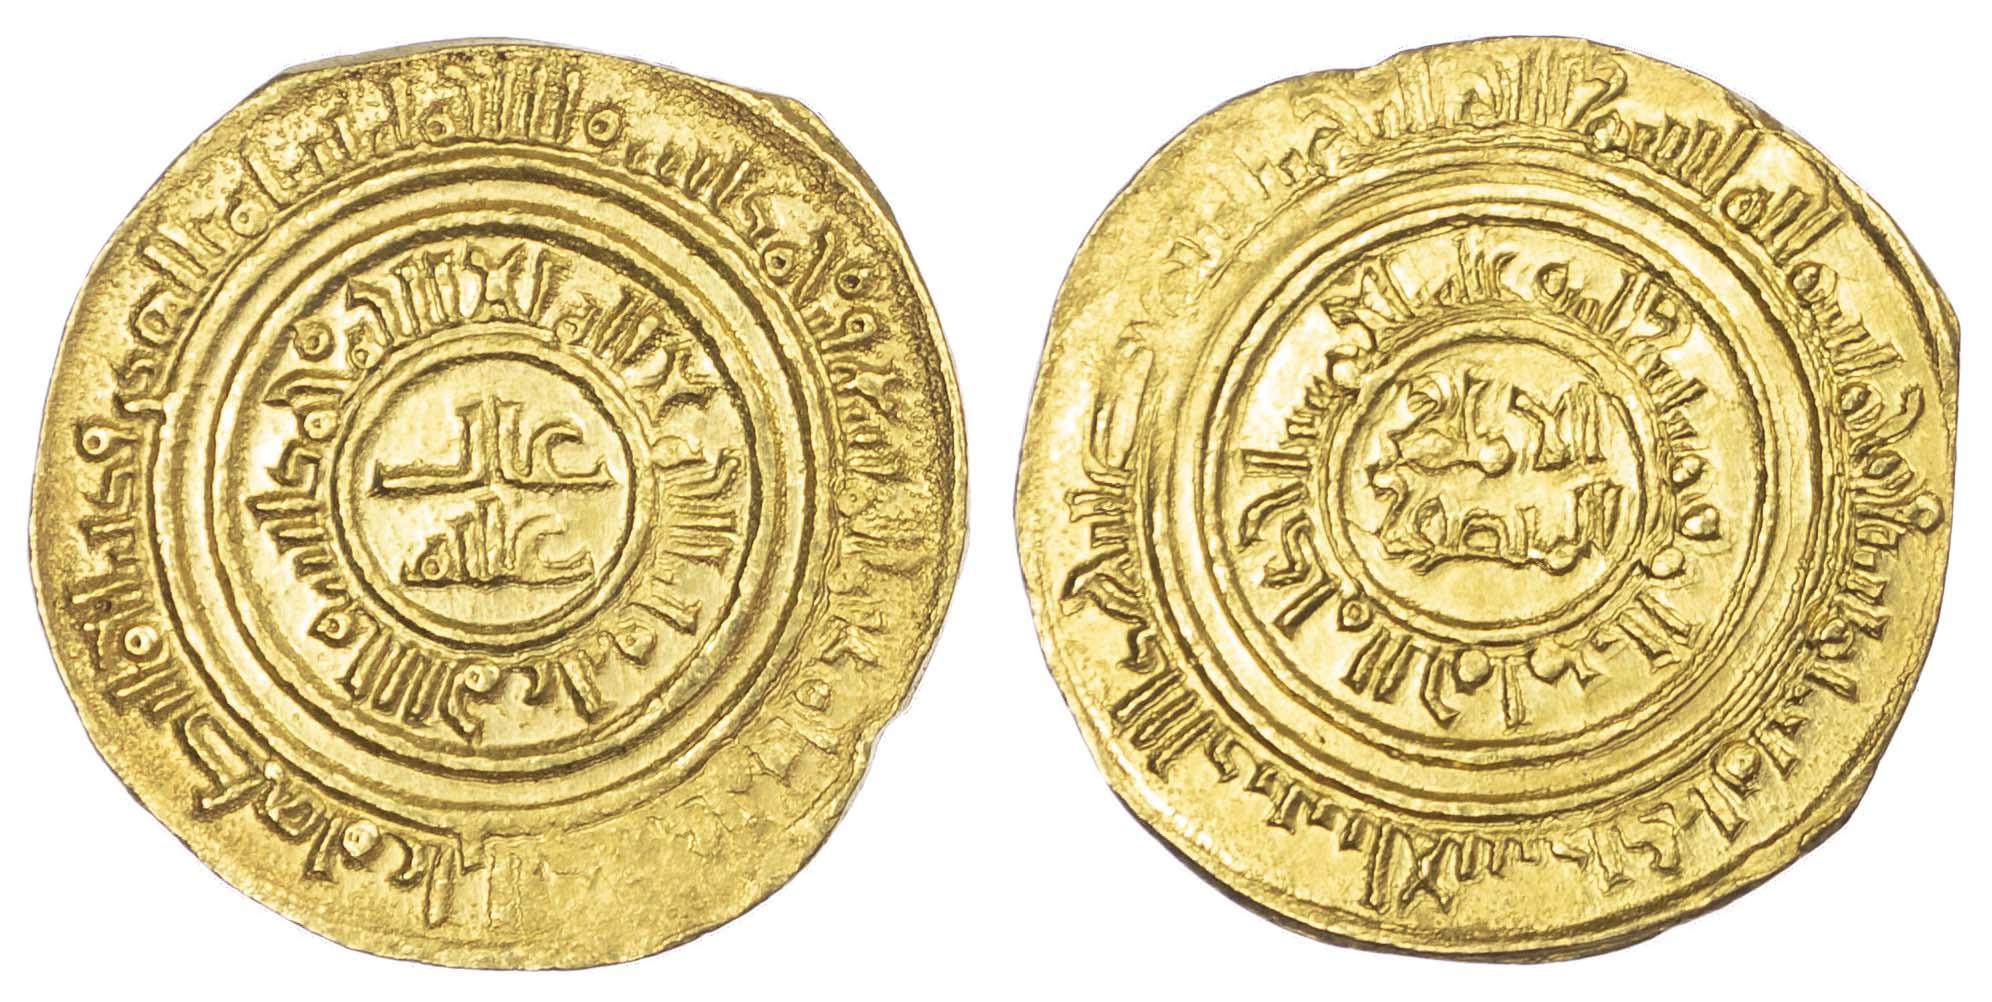 Egypt, Fatimid, al-Amir al Mansour (AH495-524 / 1101-30 AD), gold Dinar